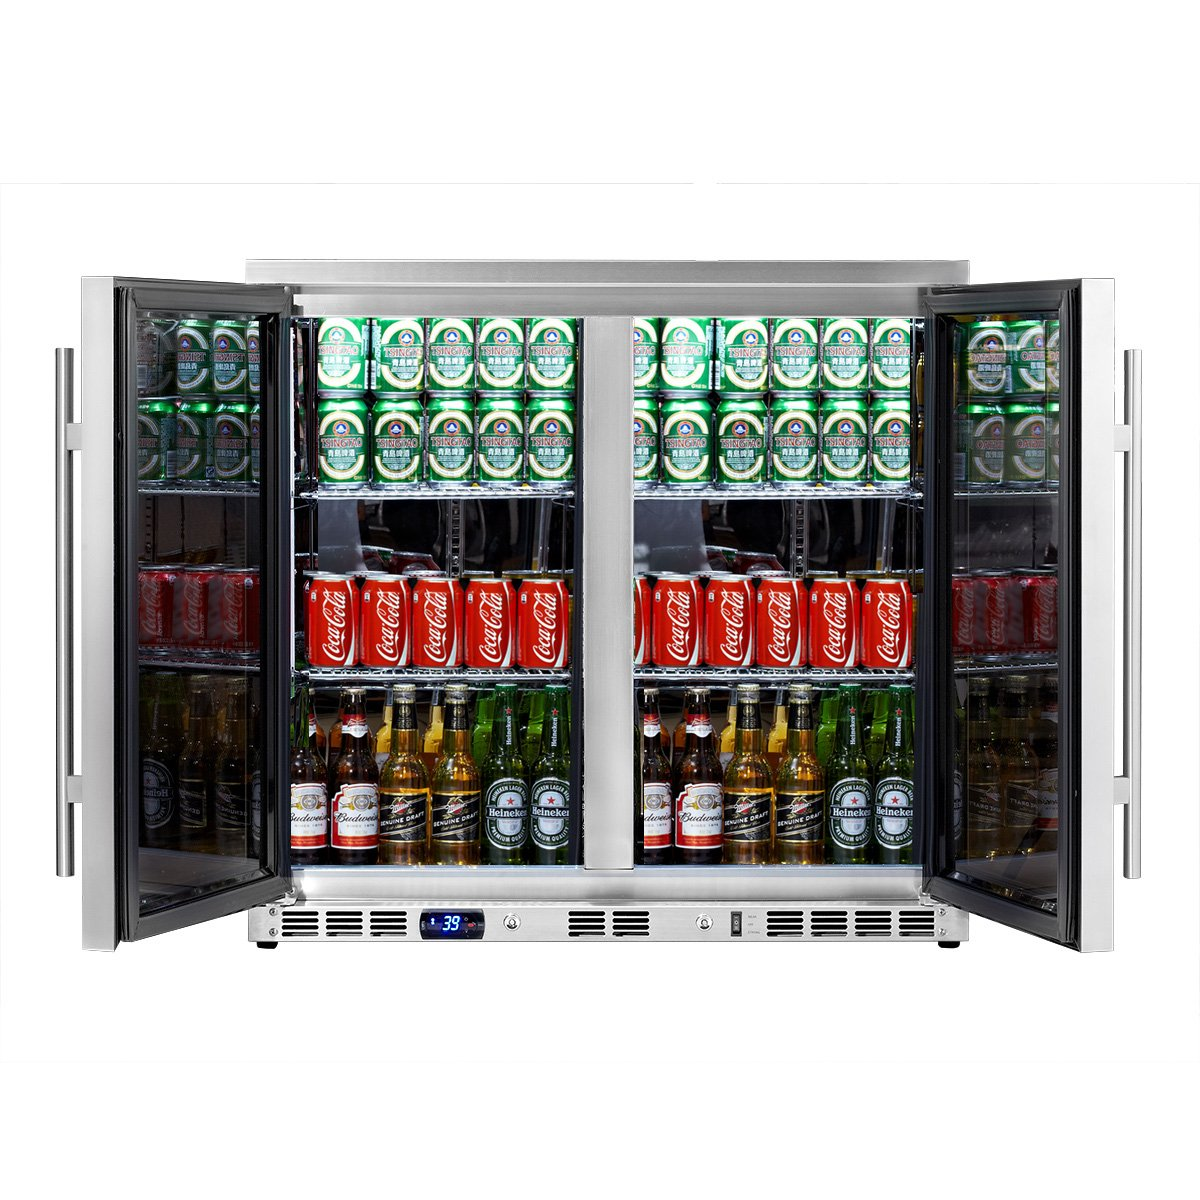 Amazon.com: KingsBottle 169 Can 2-Door Under Counter Beverage ...